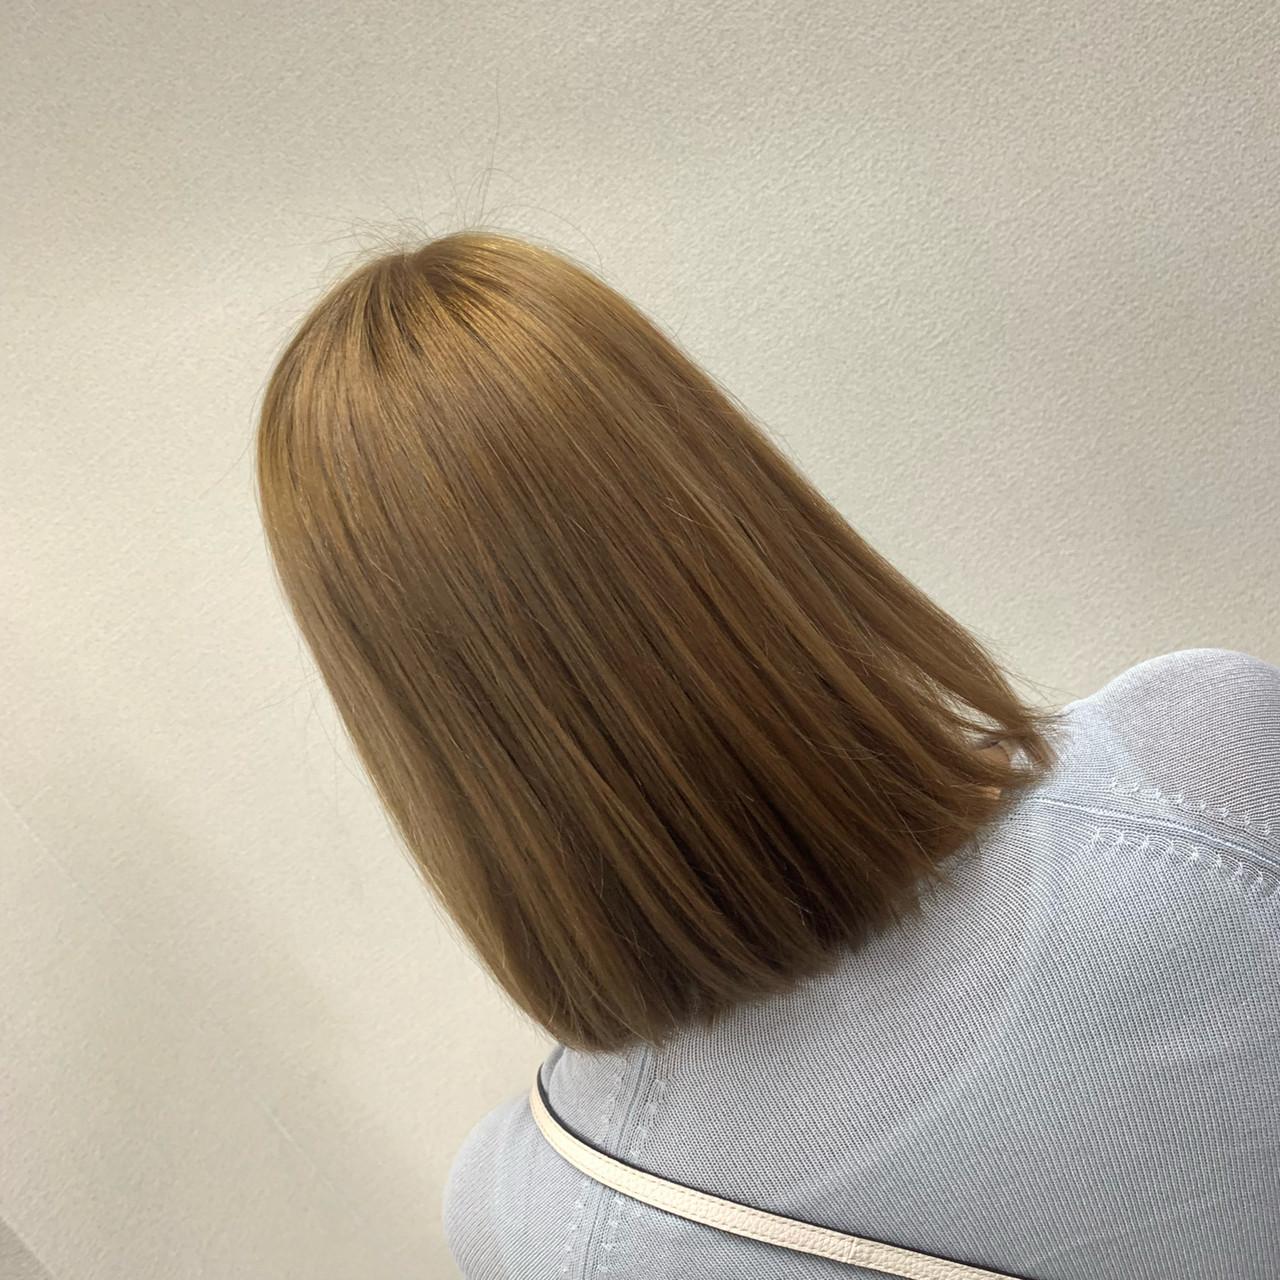 圧倒的透明感 フェミニン ミルクティーベージュ ブリーチ ヘアスタイルや髪型の写真・画像 | 小林寛門 / Lee心斎橋